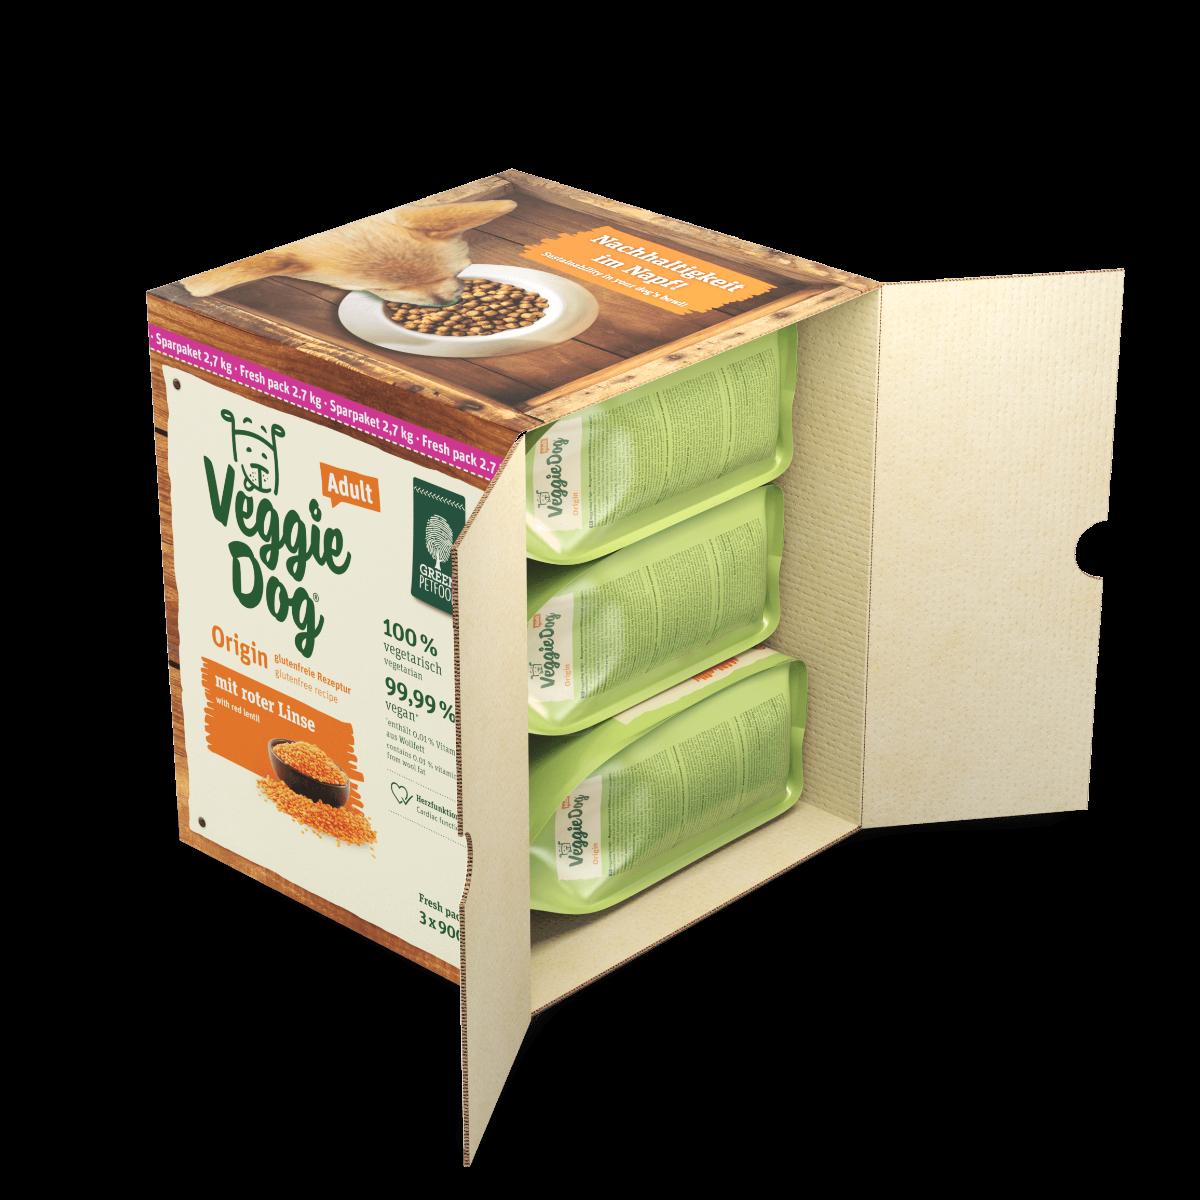 Green Petfood VeggieDog Origin 2,7kg